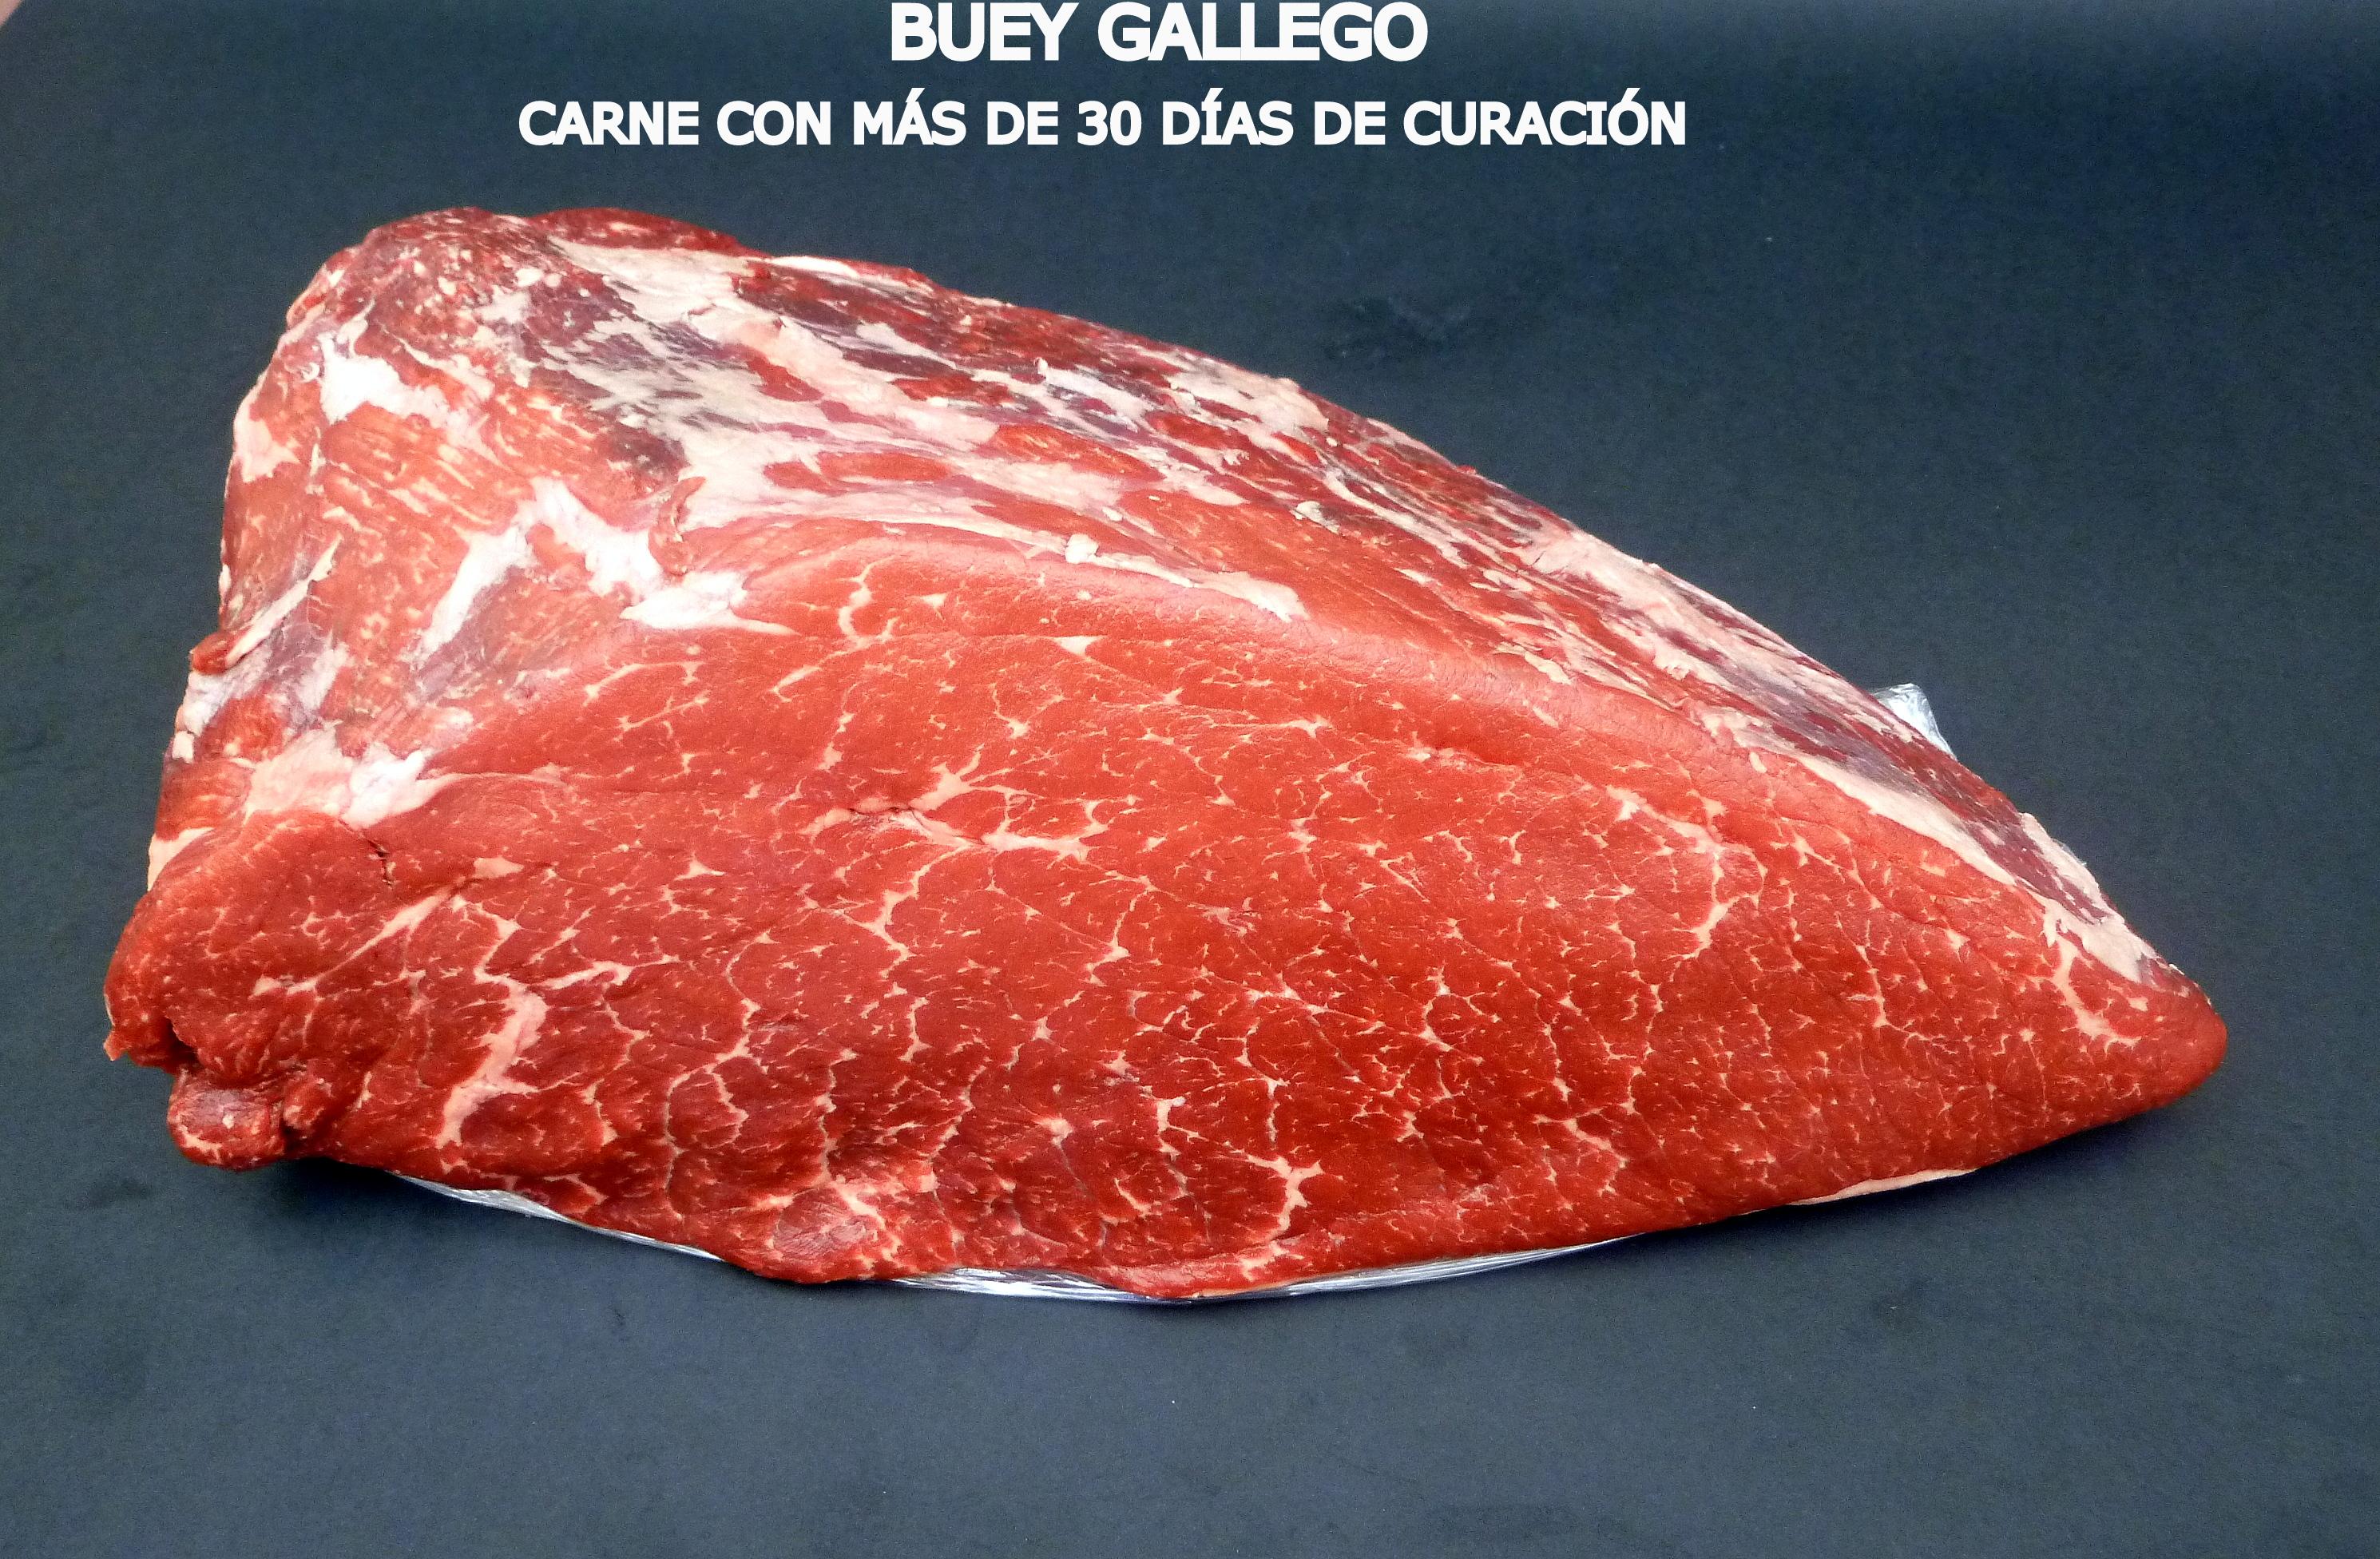 Falda de buey gallego